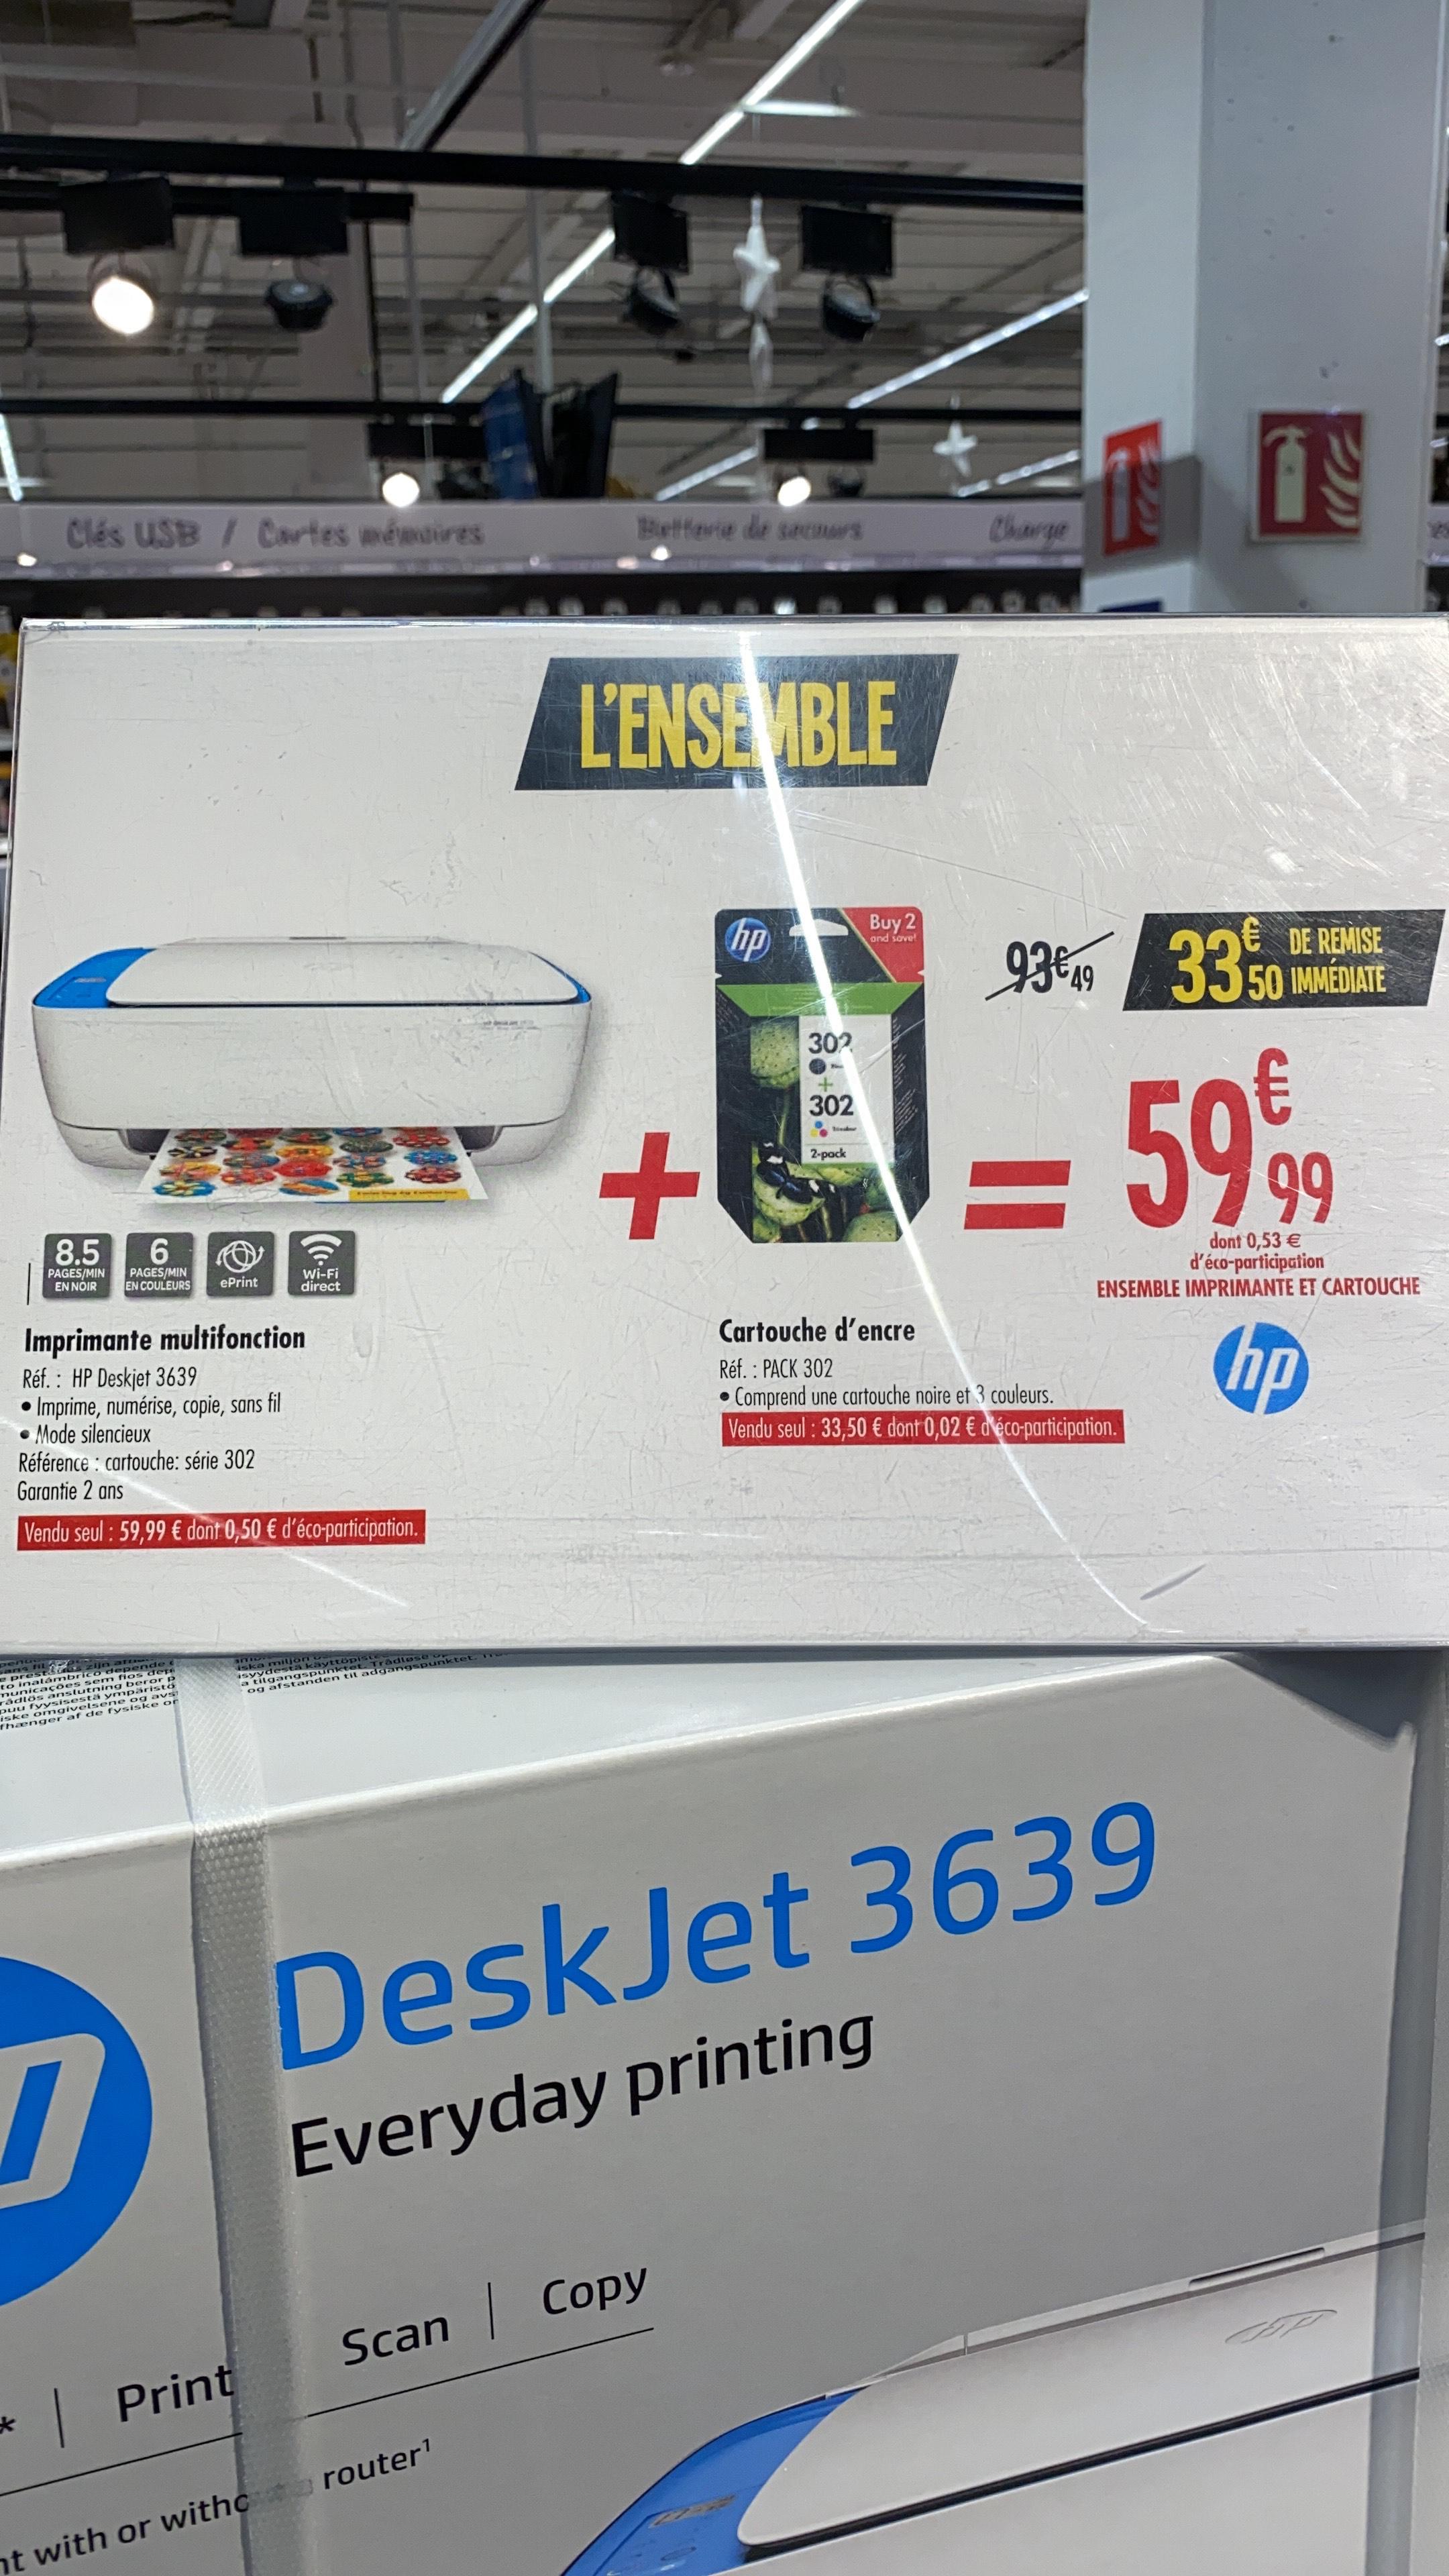 Imprimante HP Deskjet 3639 + 1 cartouche noire + 1 cartouche 3 couleurs - Givors (69)